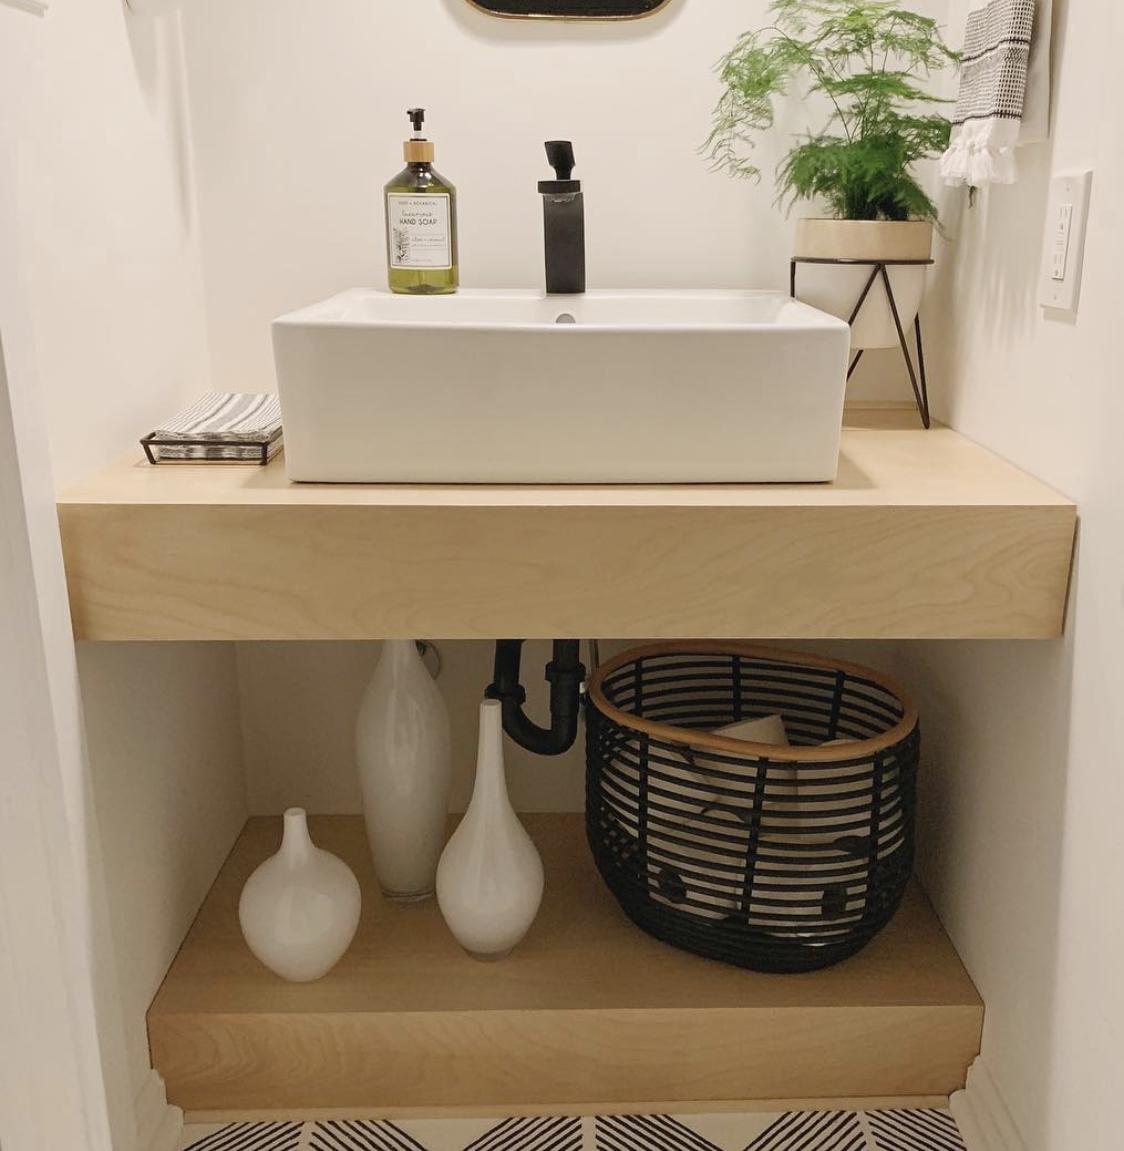 Bathroom Vanity Ideas For Diy Hunker In 2020 Floating Bathroom Vanities Diy Bathroom Vanity Bathroom Vanity